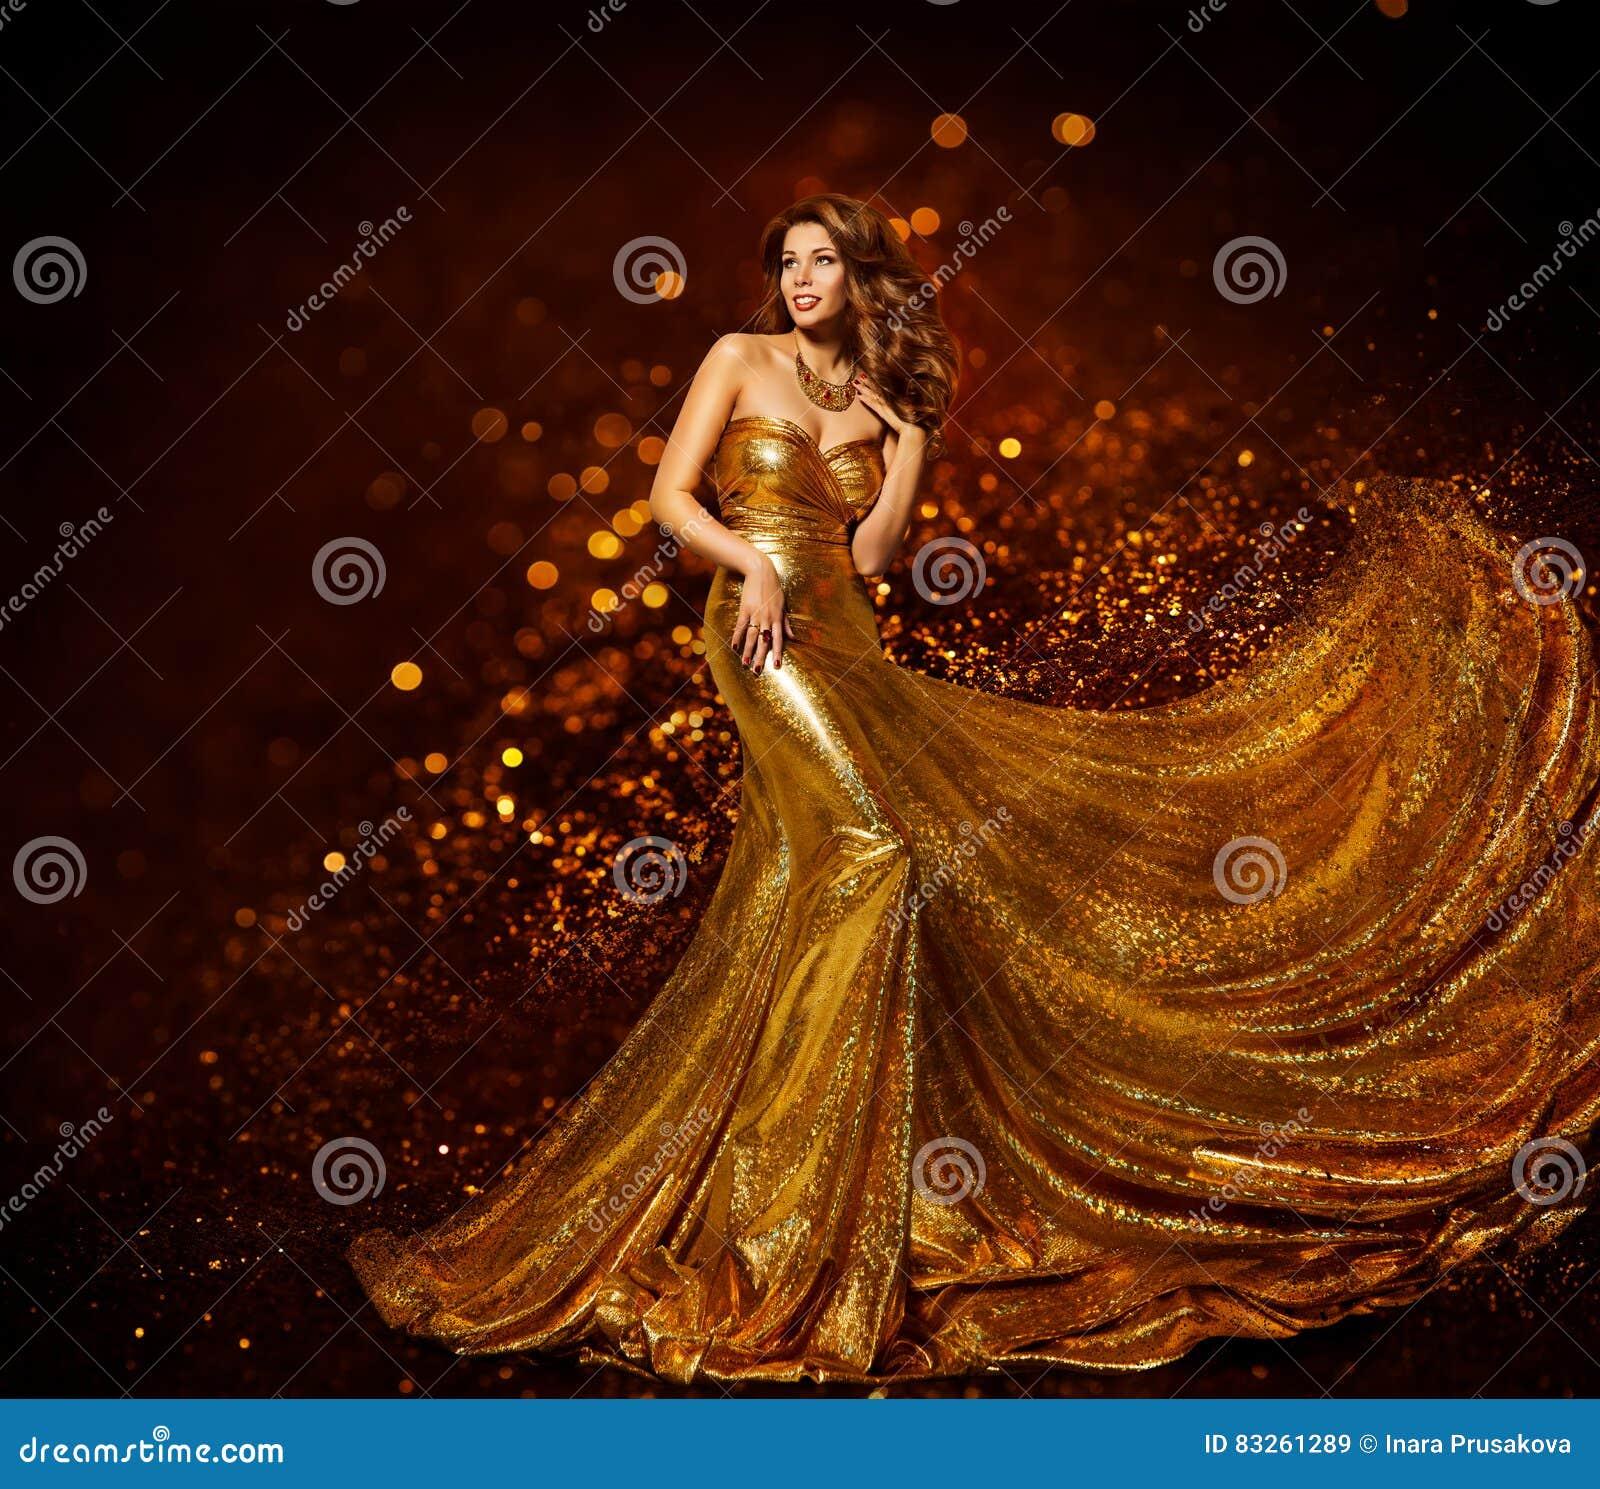 Vestido do ouro da mulher da forma, vestido dourado elegante da tela da menina luxuosa